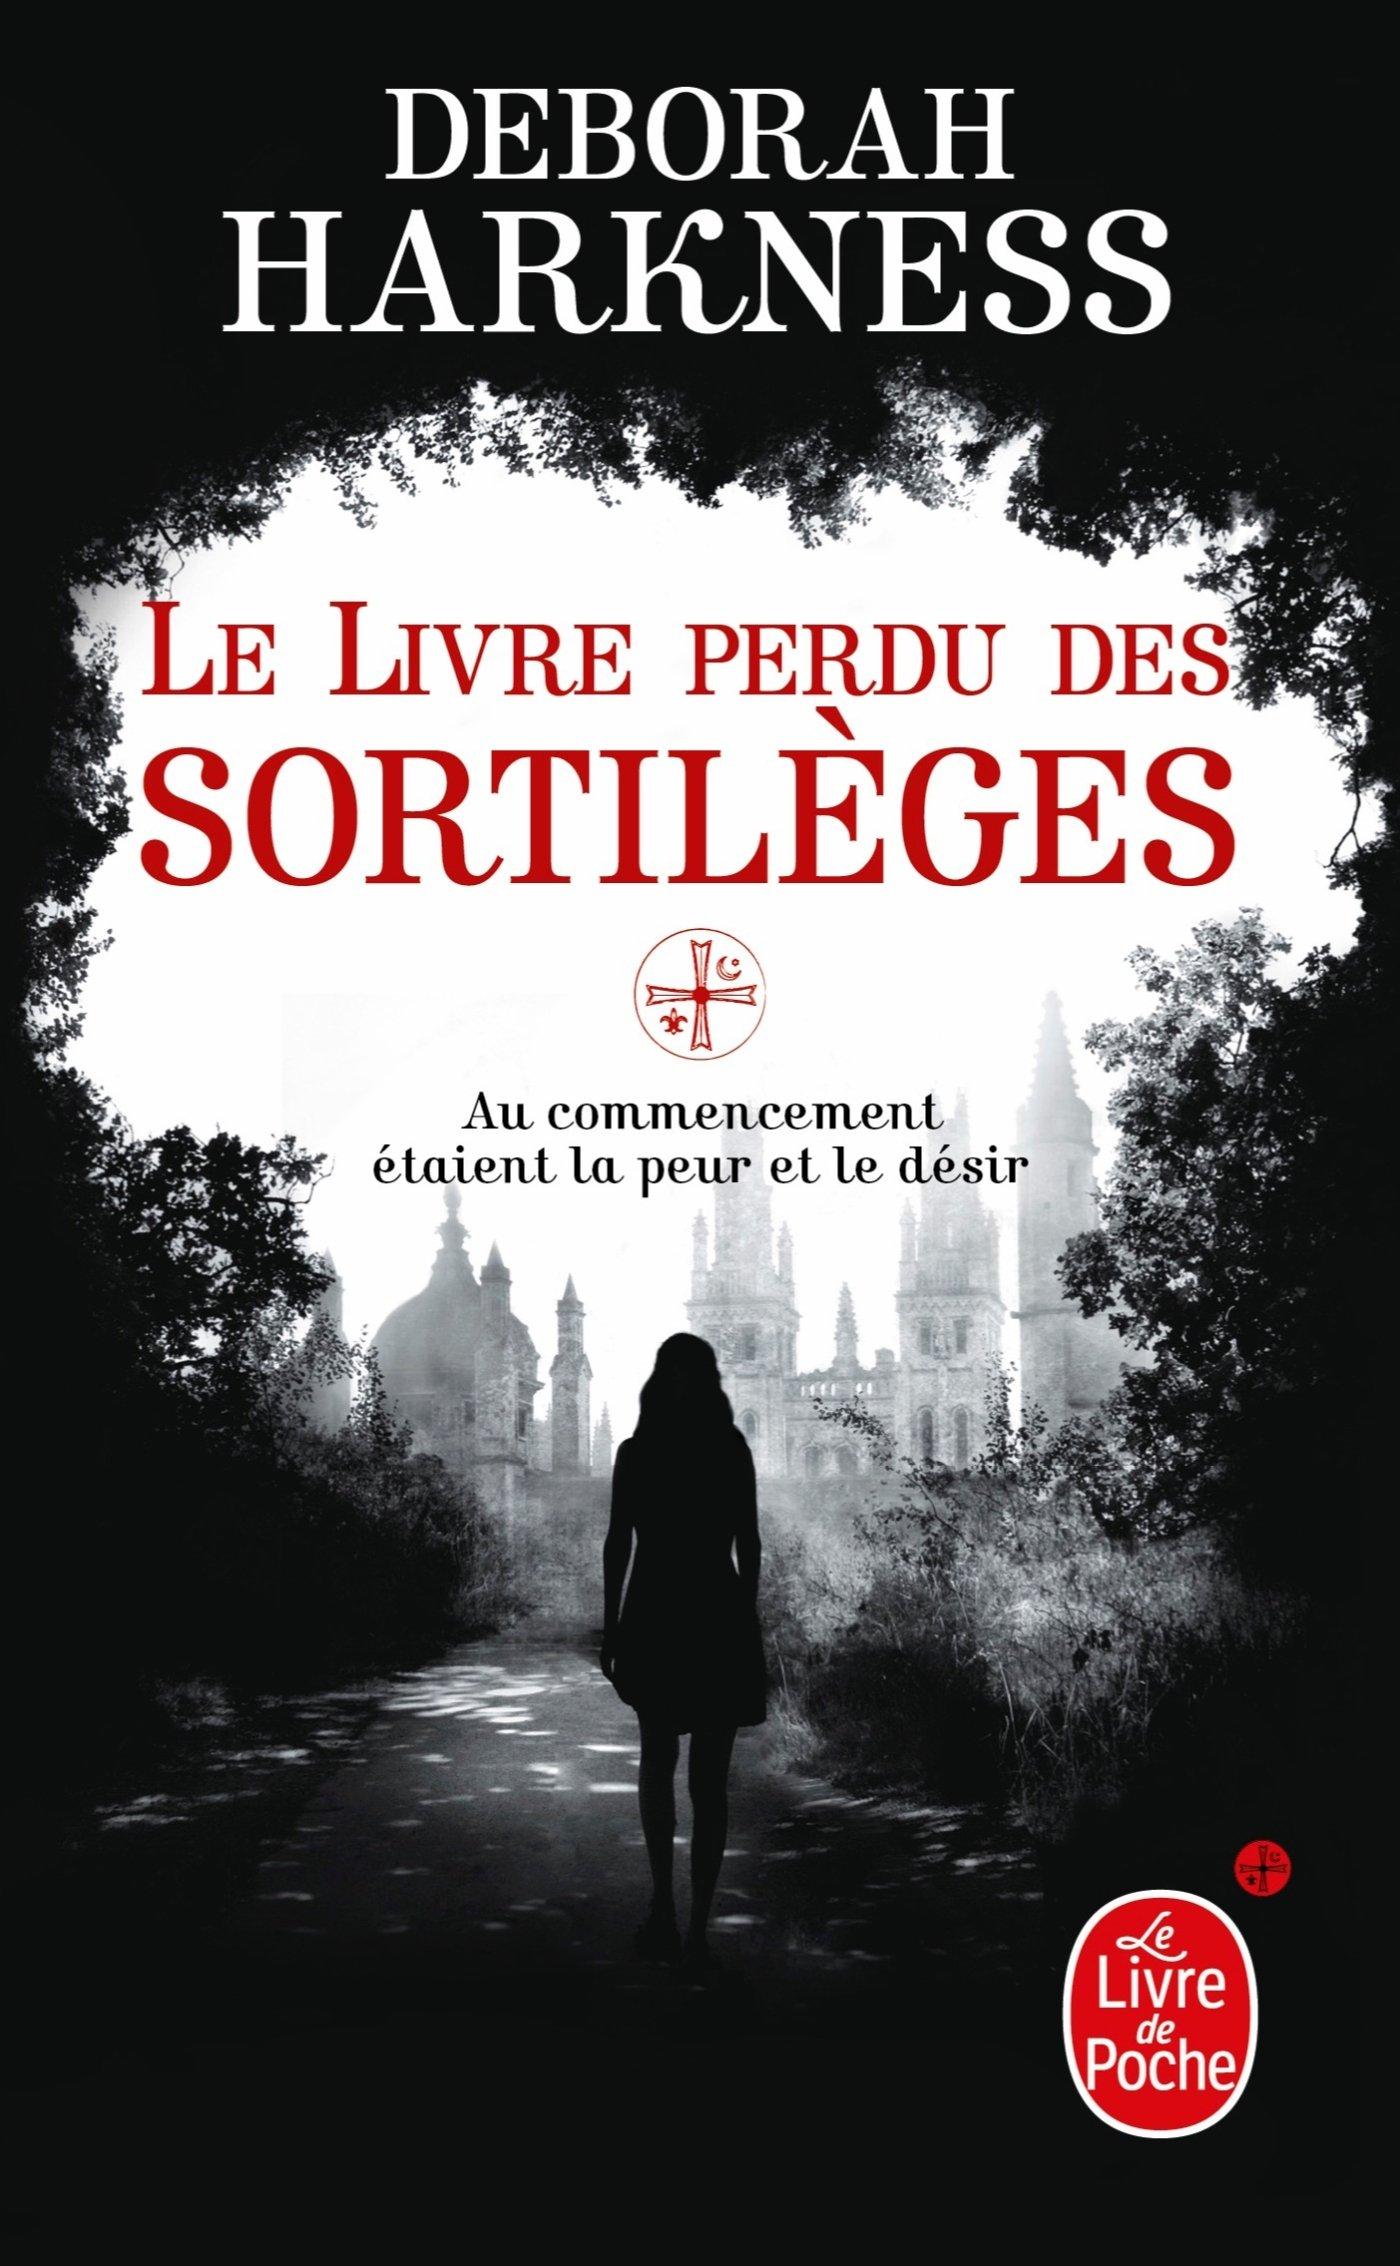 Le Livre perdu des sortilèges Broché – 2 mai 2012 Deborah Harkness Le Livre de Poche 2253164259 Fantastique